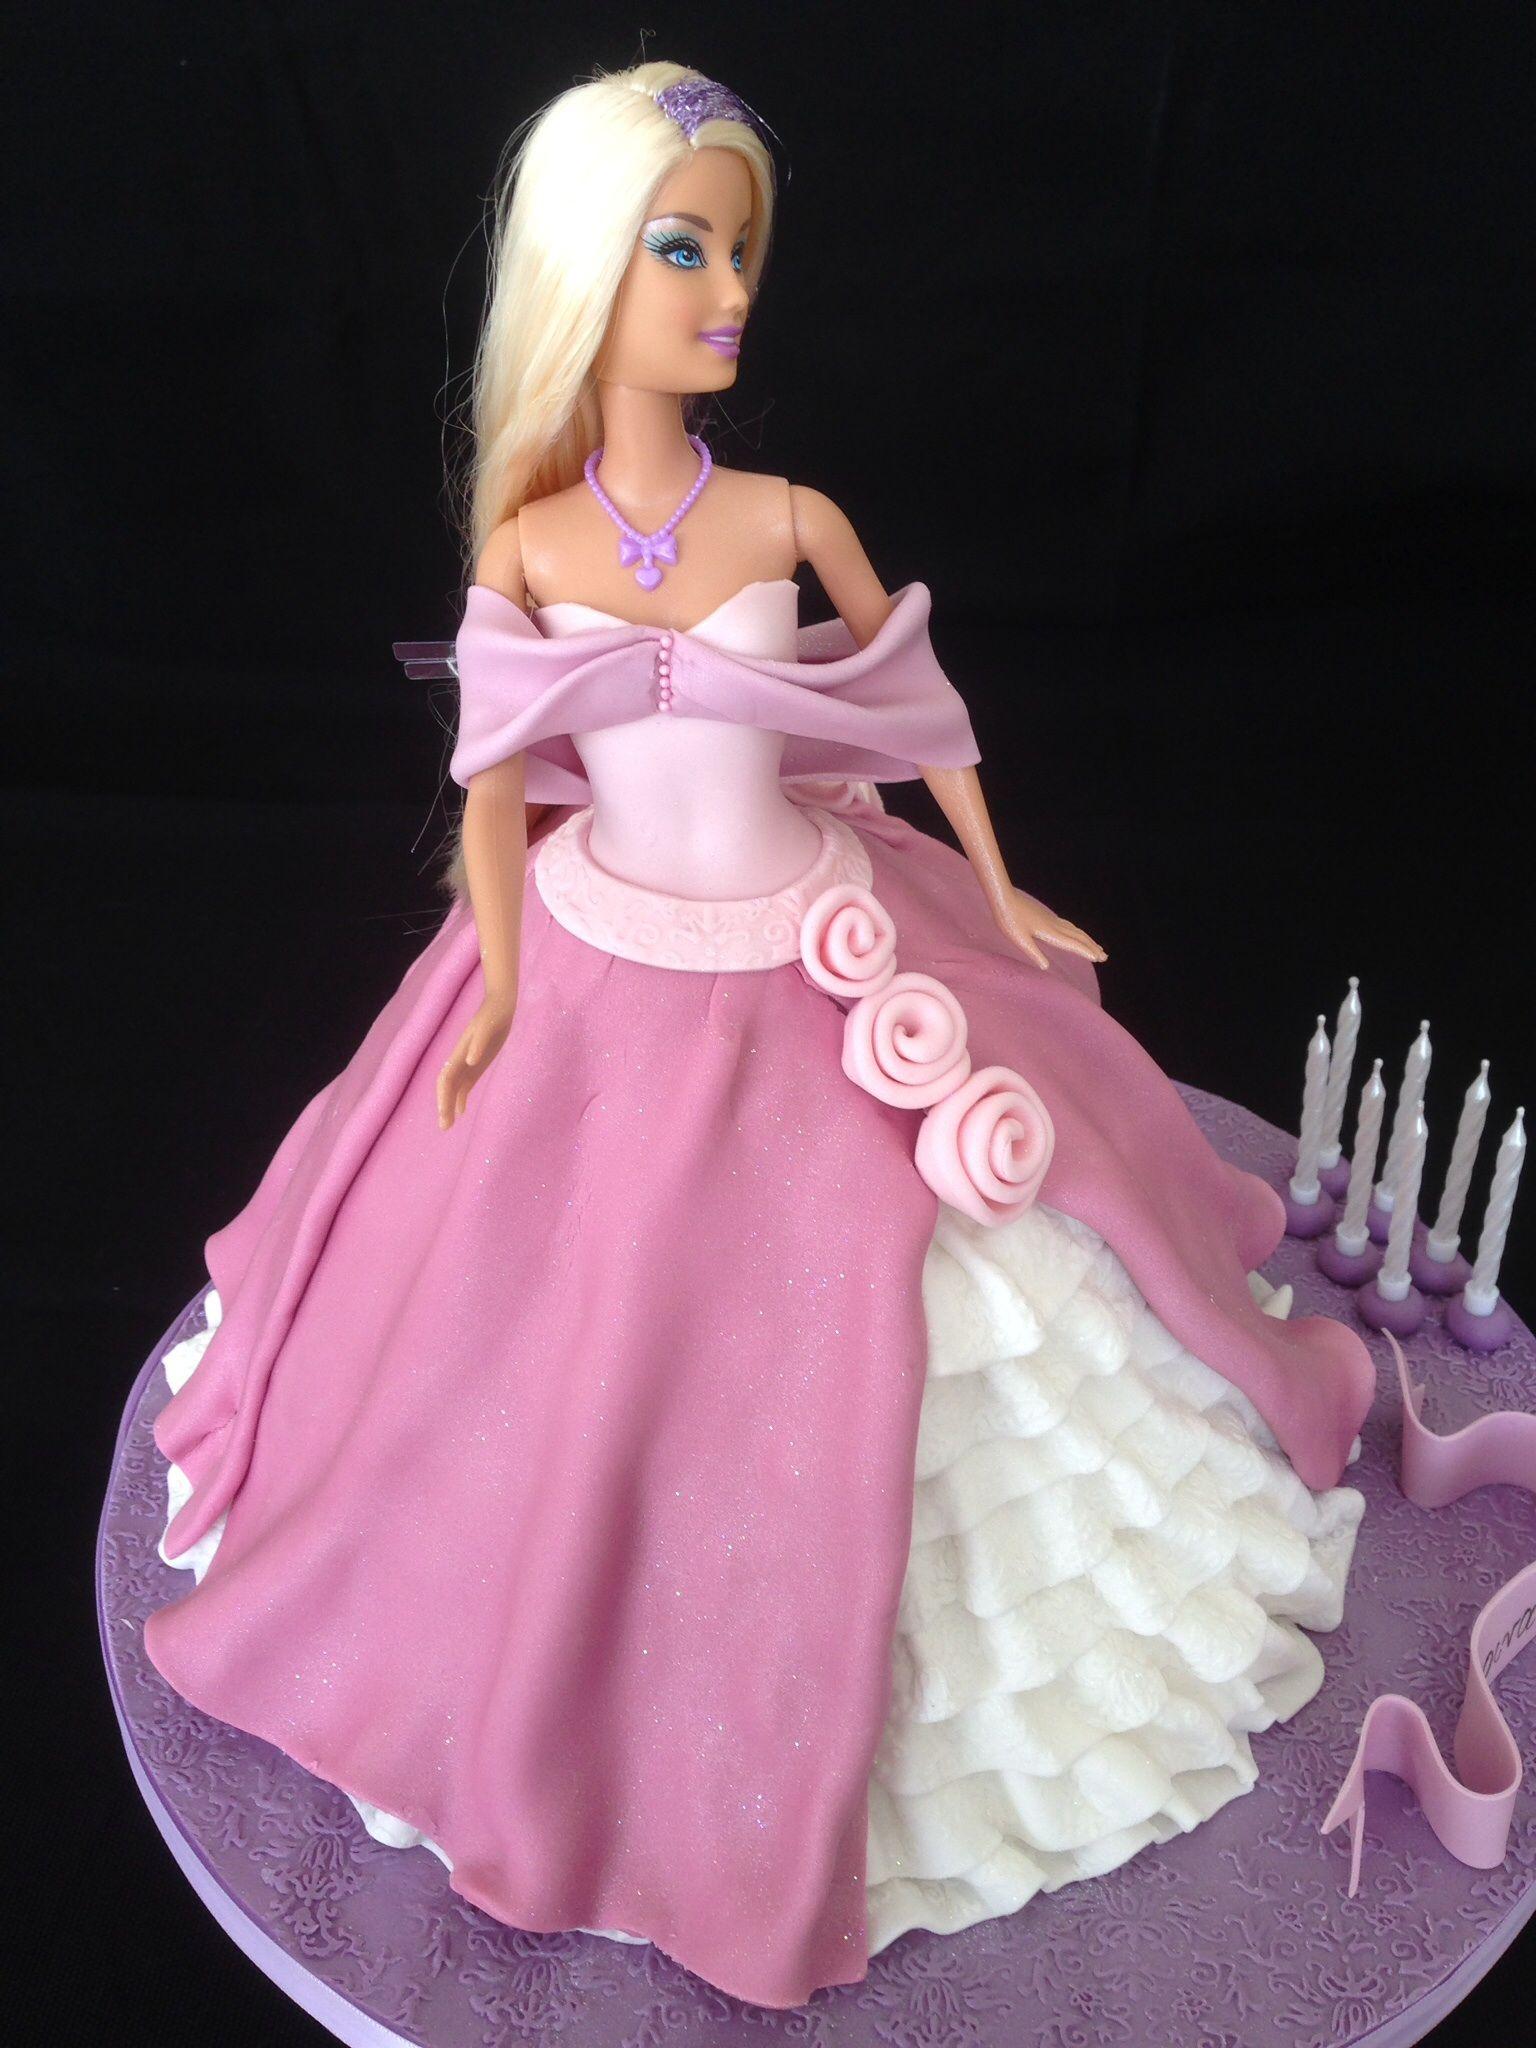 Birthday Cakes Barbie Pink Princess Cake Sandy You Alicia And - Birthday cake doll princess